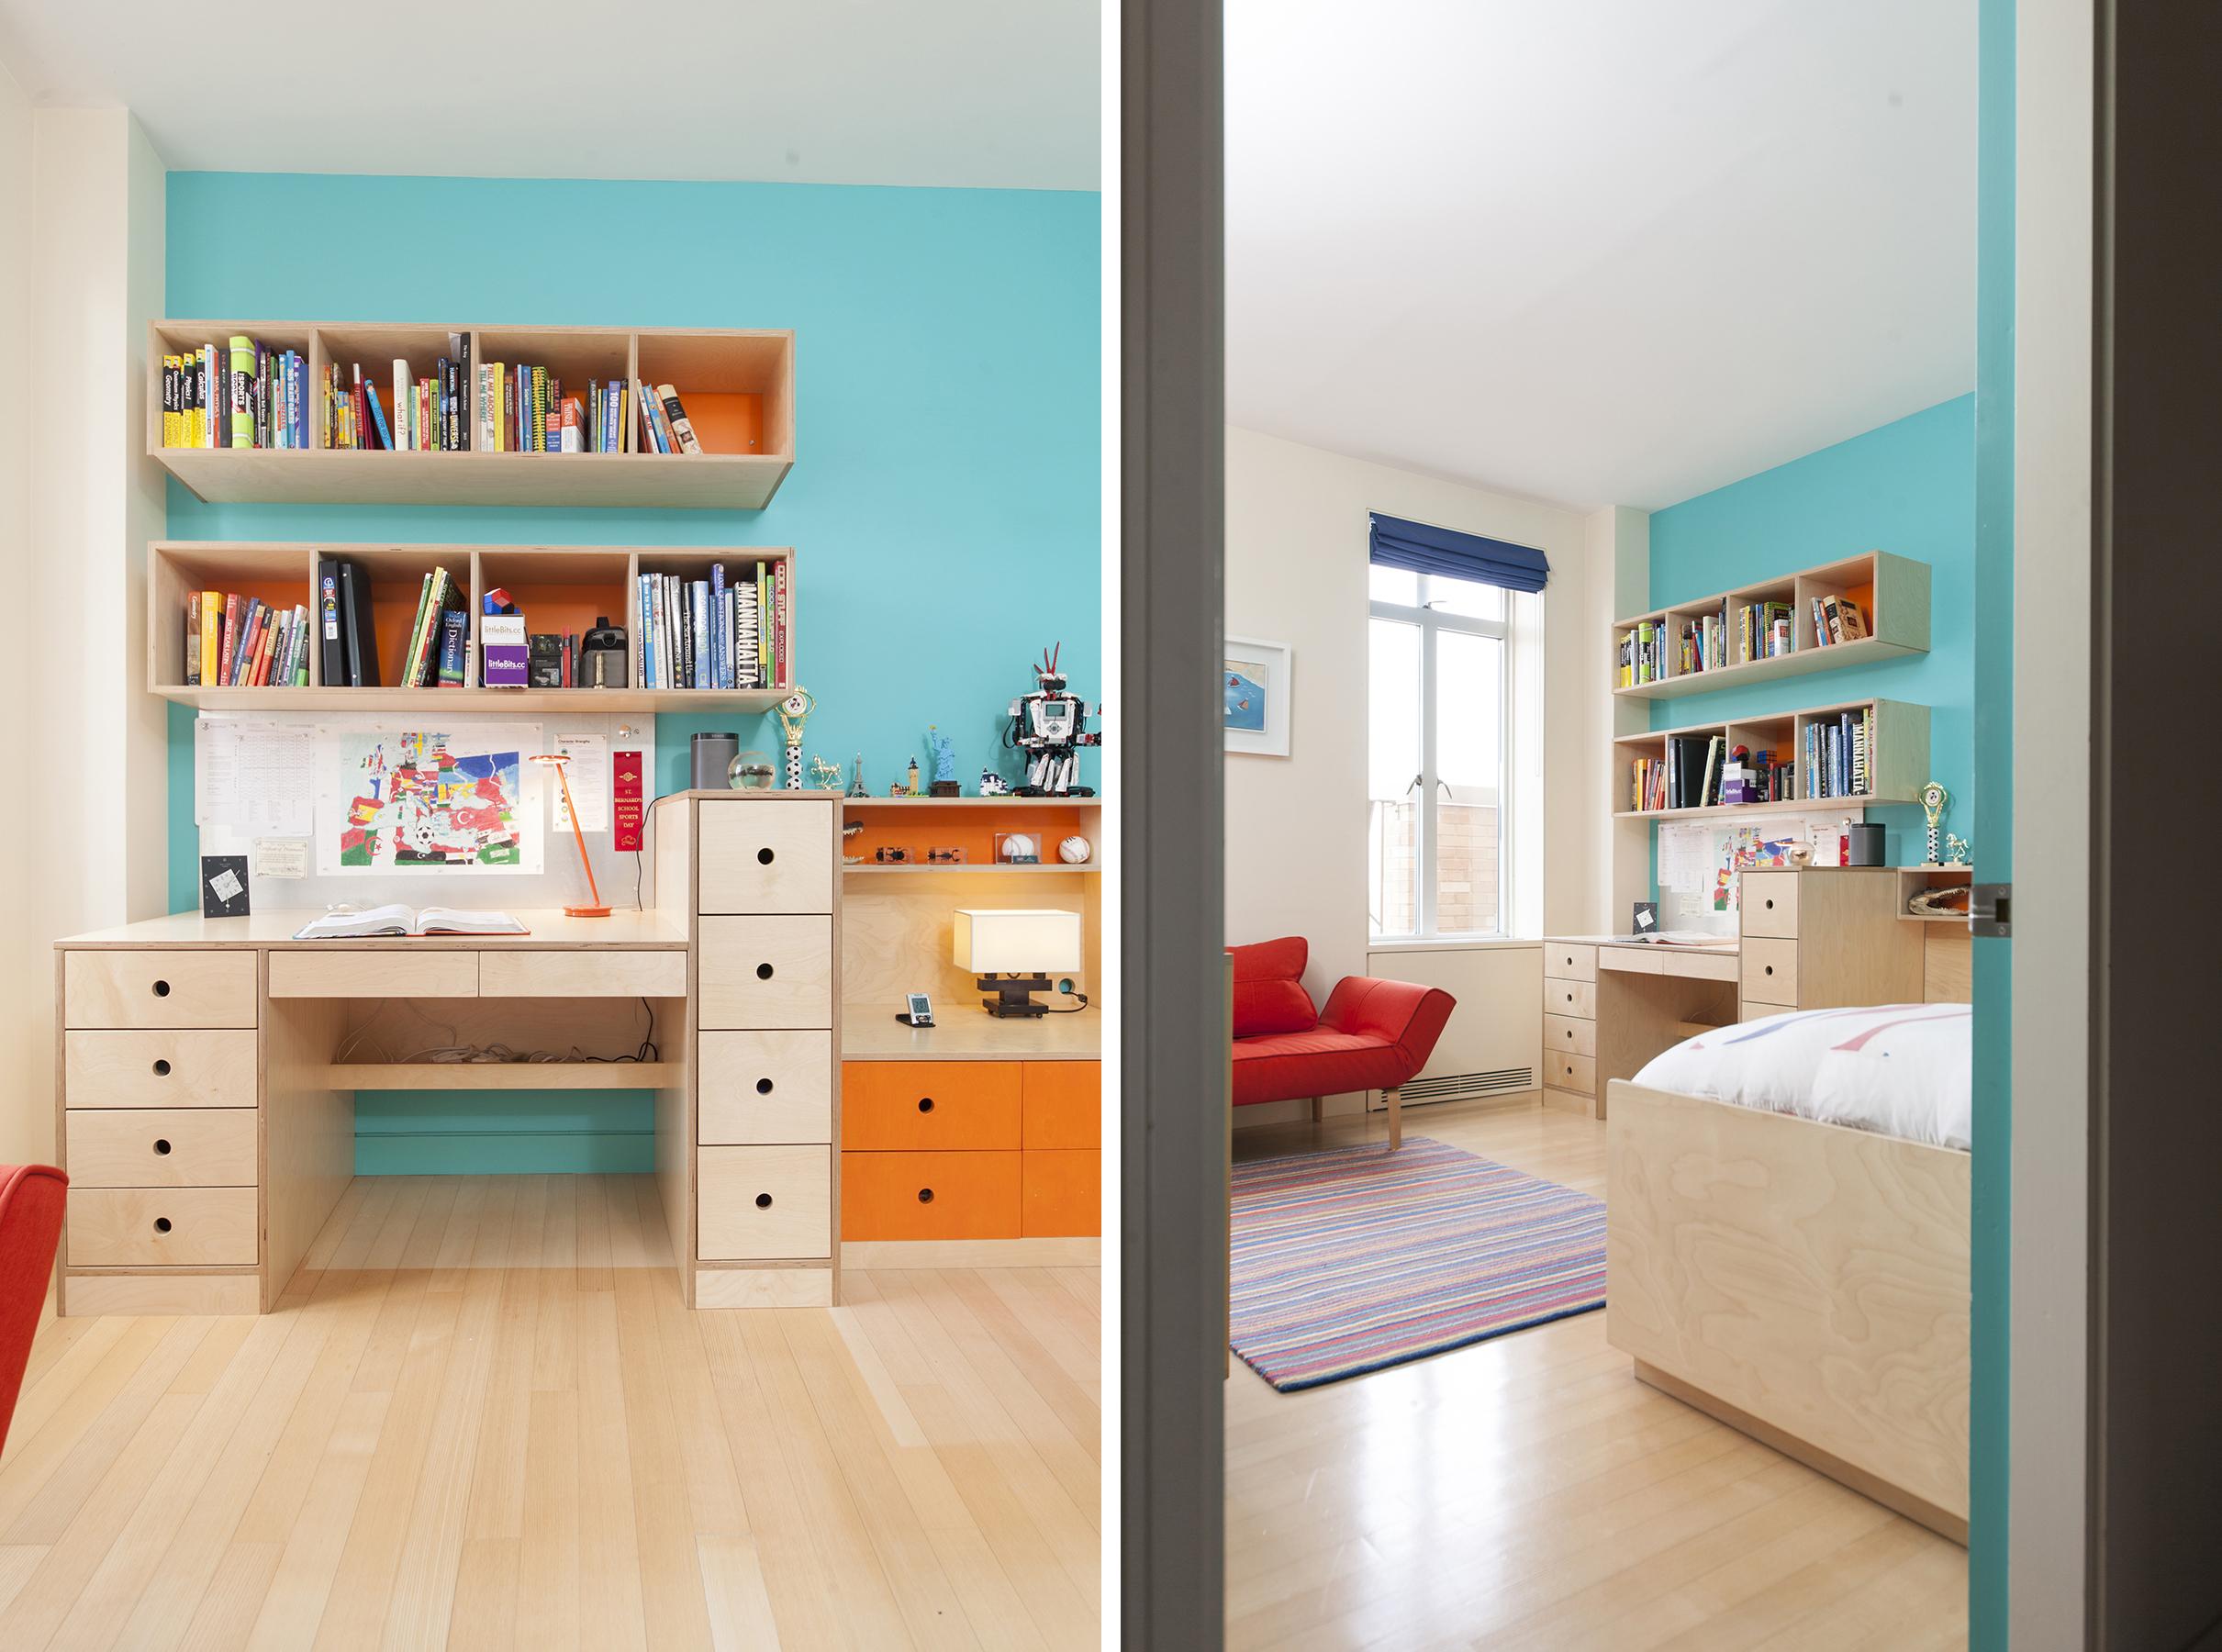 Casa Kids custom children's furniture. Low VOC furniture.